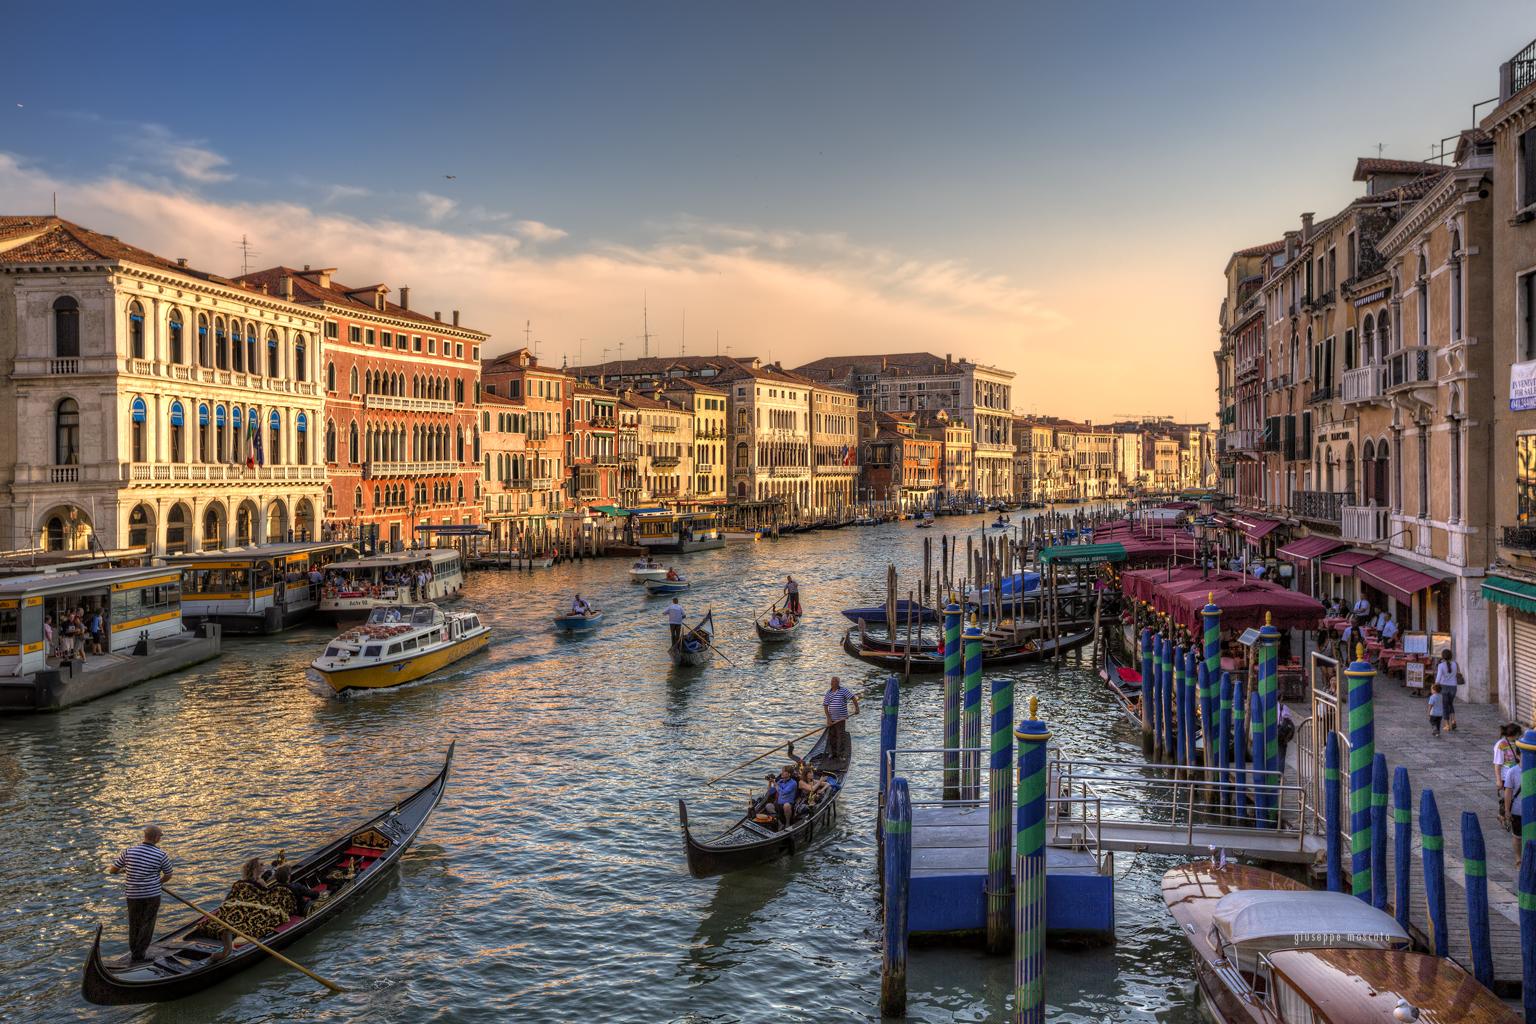 Nido Delle Aquile Serata Finale Del Corso Di Cucina E Gita Alternativa A Venezia Aics Padova